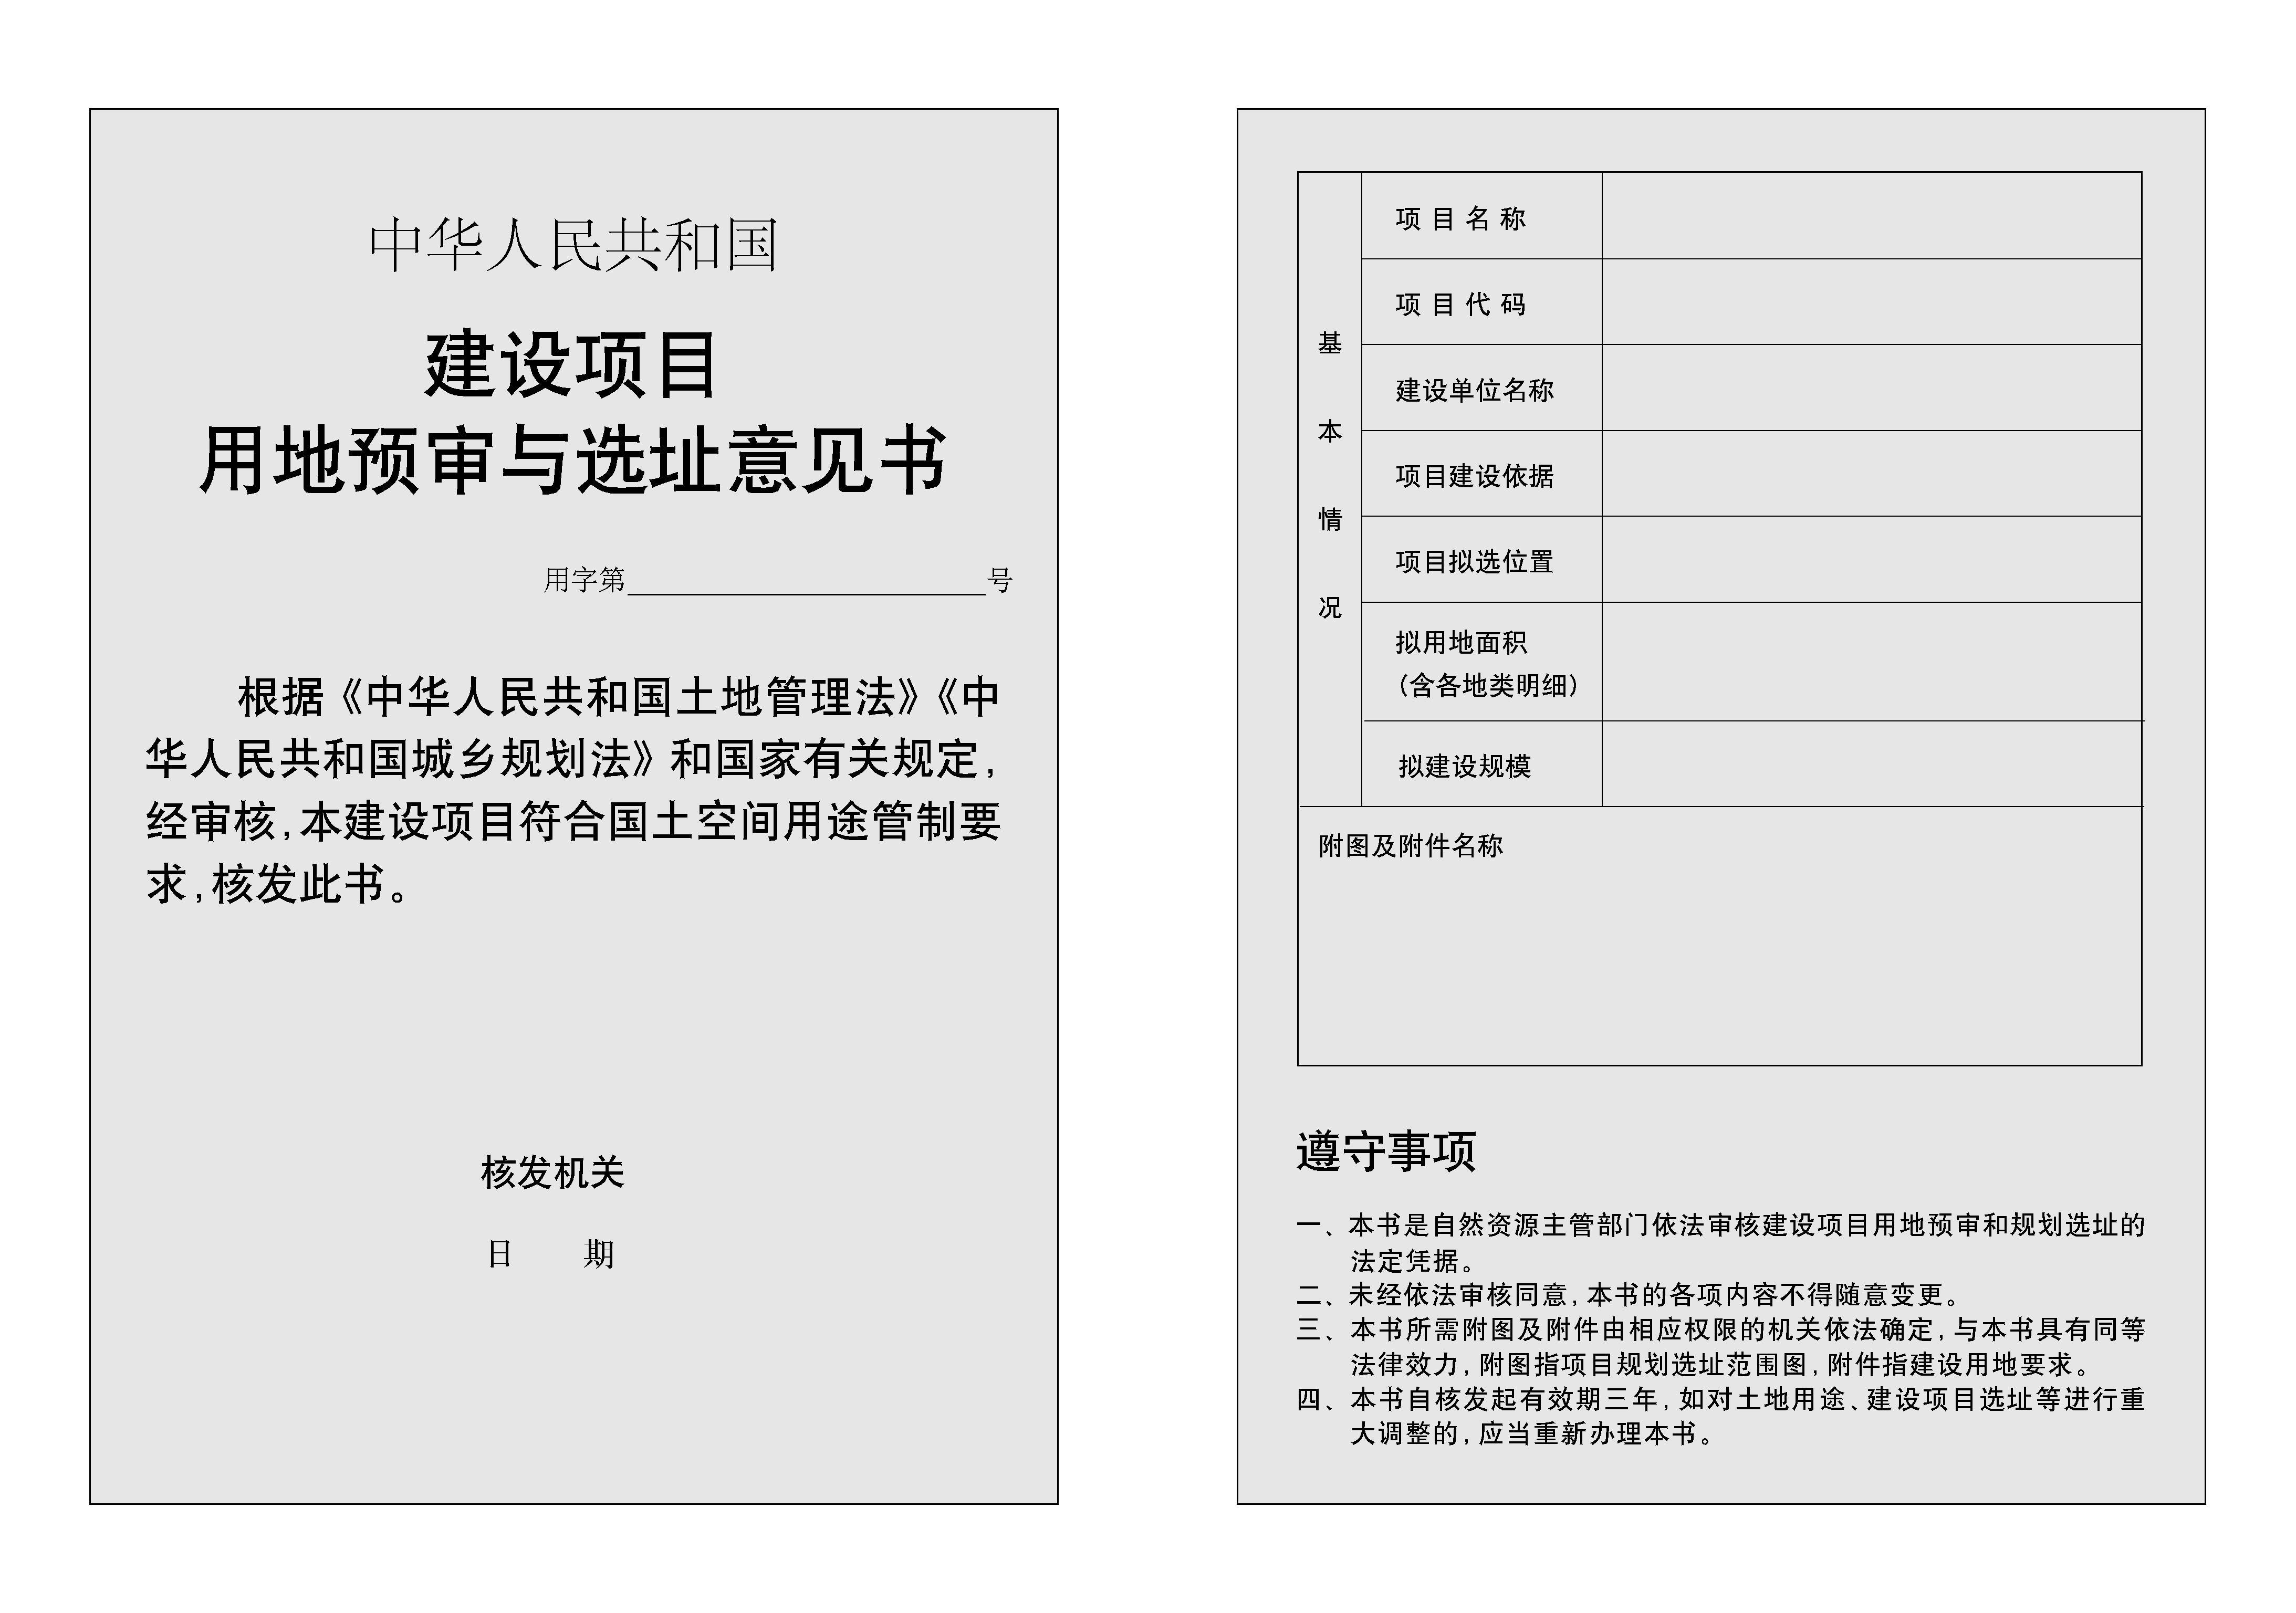 建设项目用地预审与选址意见书内页